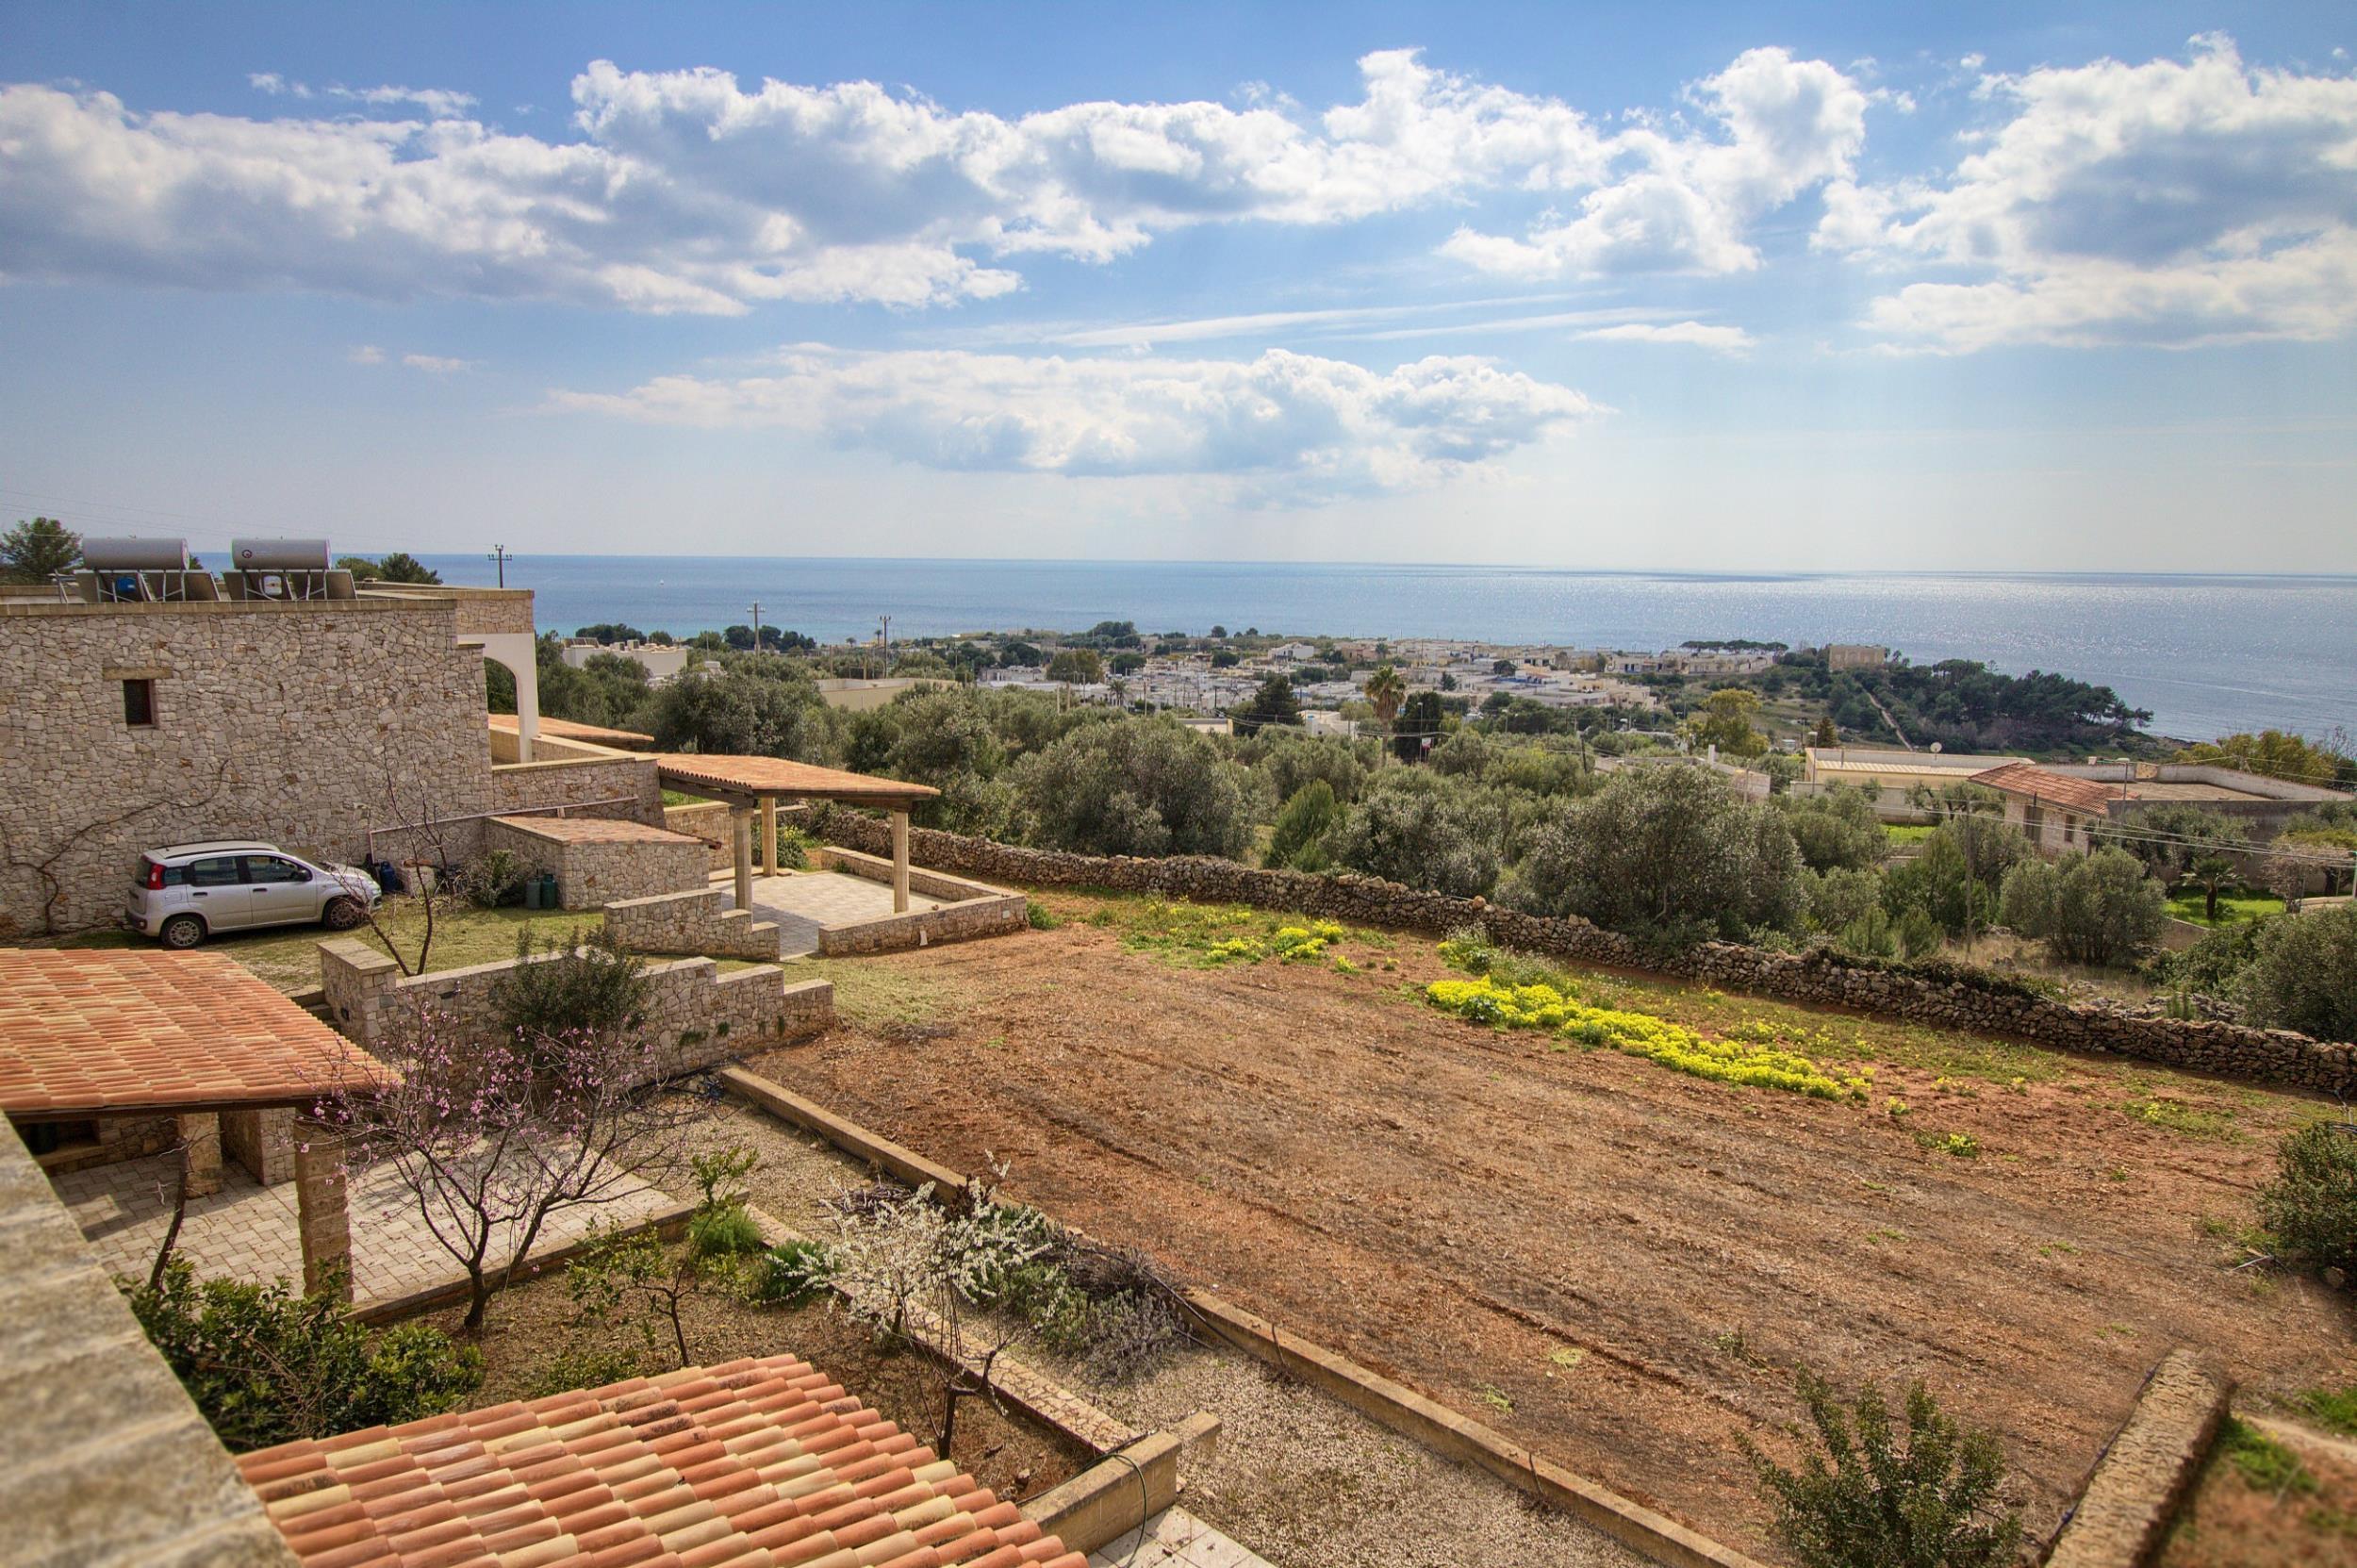 Apartment Corbezzolo vista mare photo 22470857